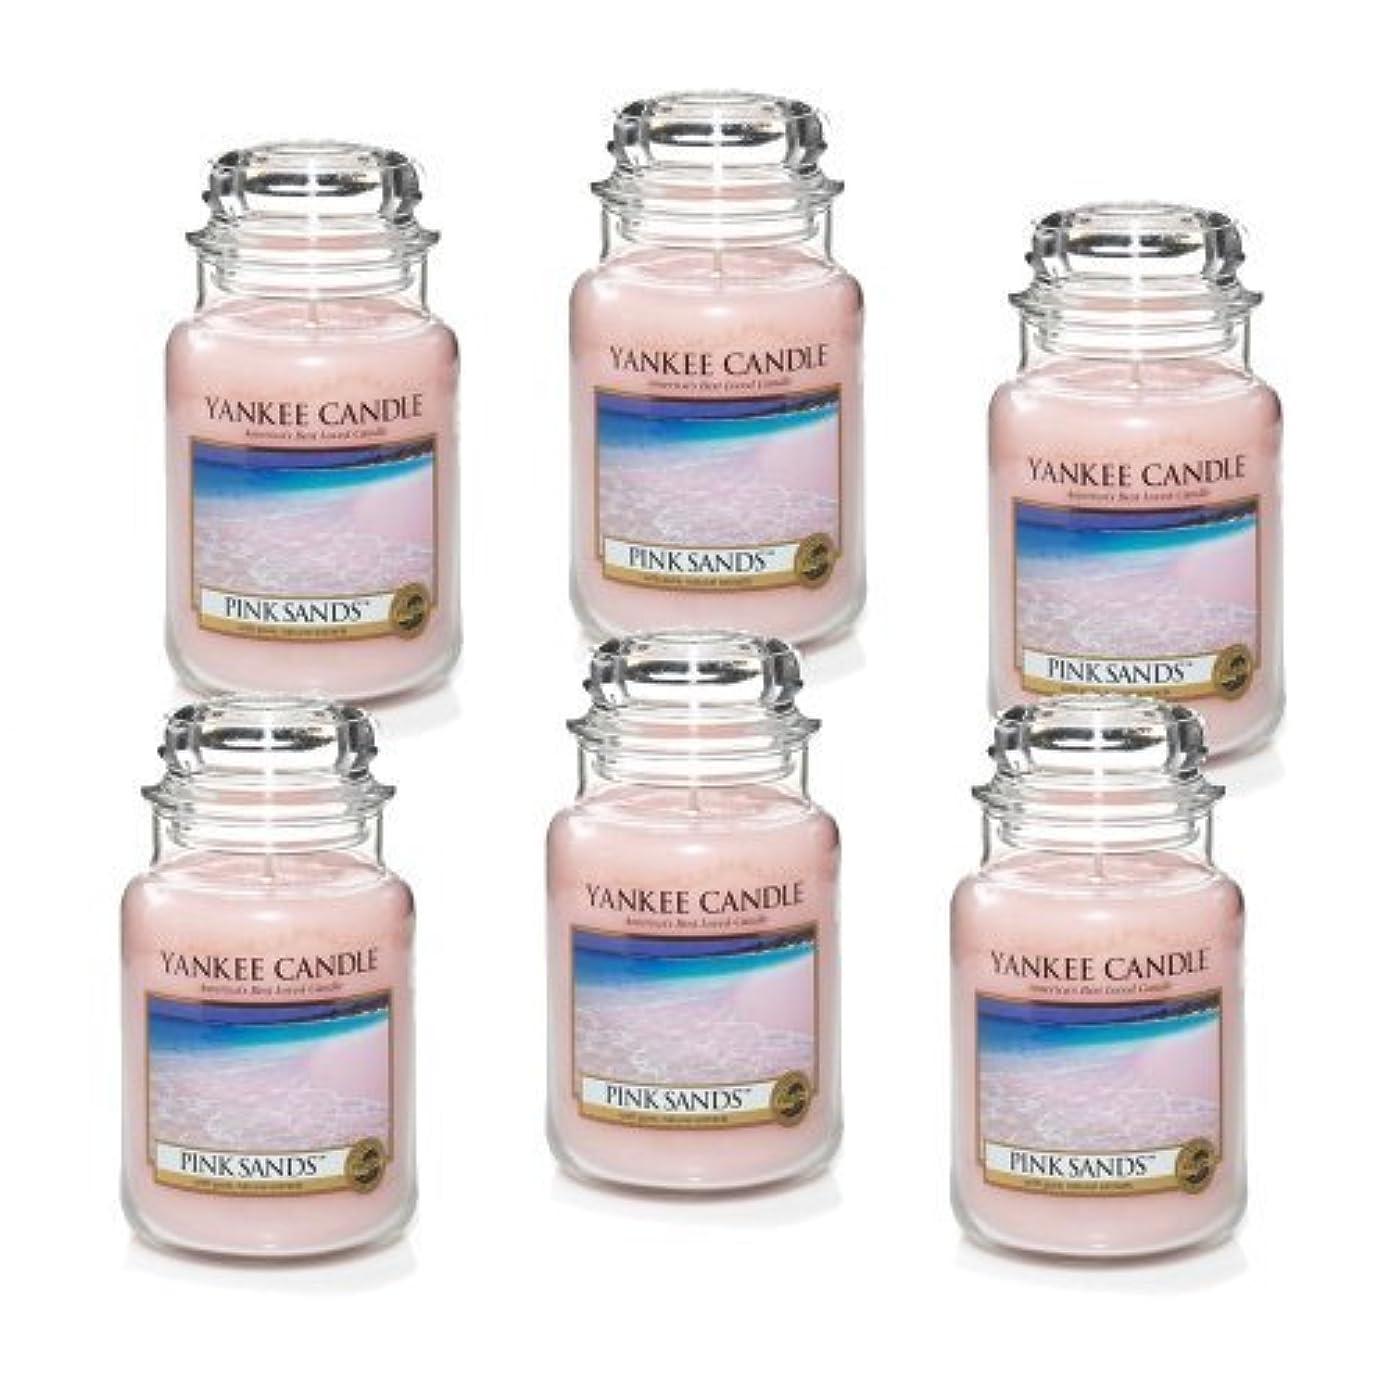 委員会スマッシュ不完全なYankee Candle Company 22-Ounce Pink Sands Jar Candle, Large, Set of 6 by Amazon source [並行輸入品]